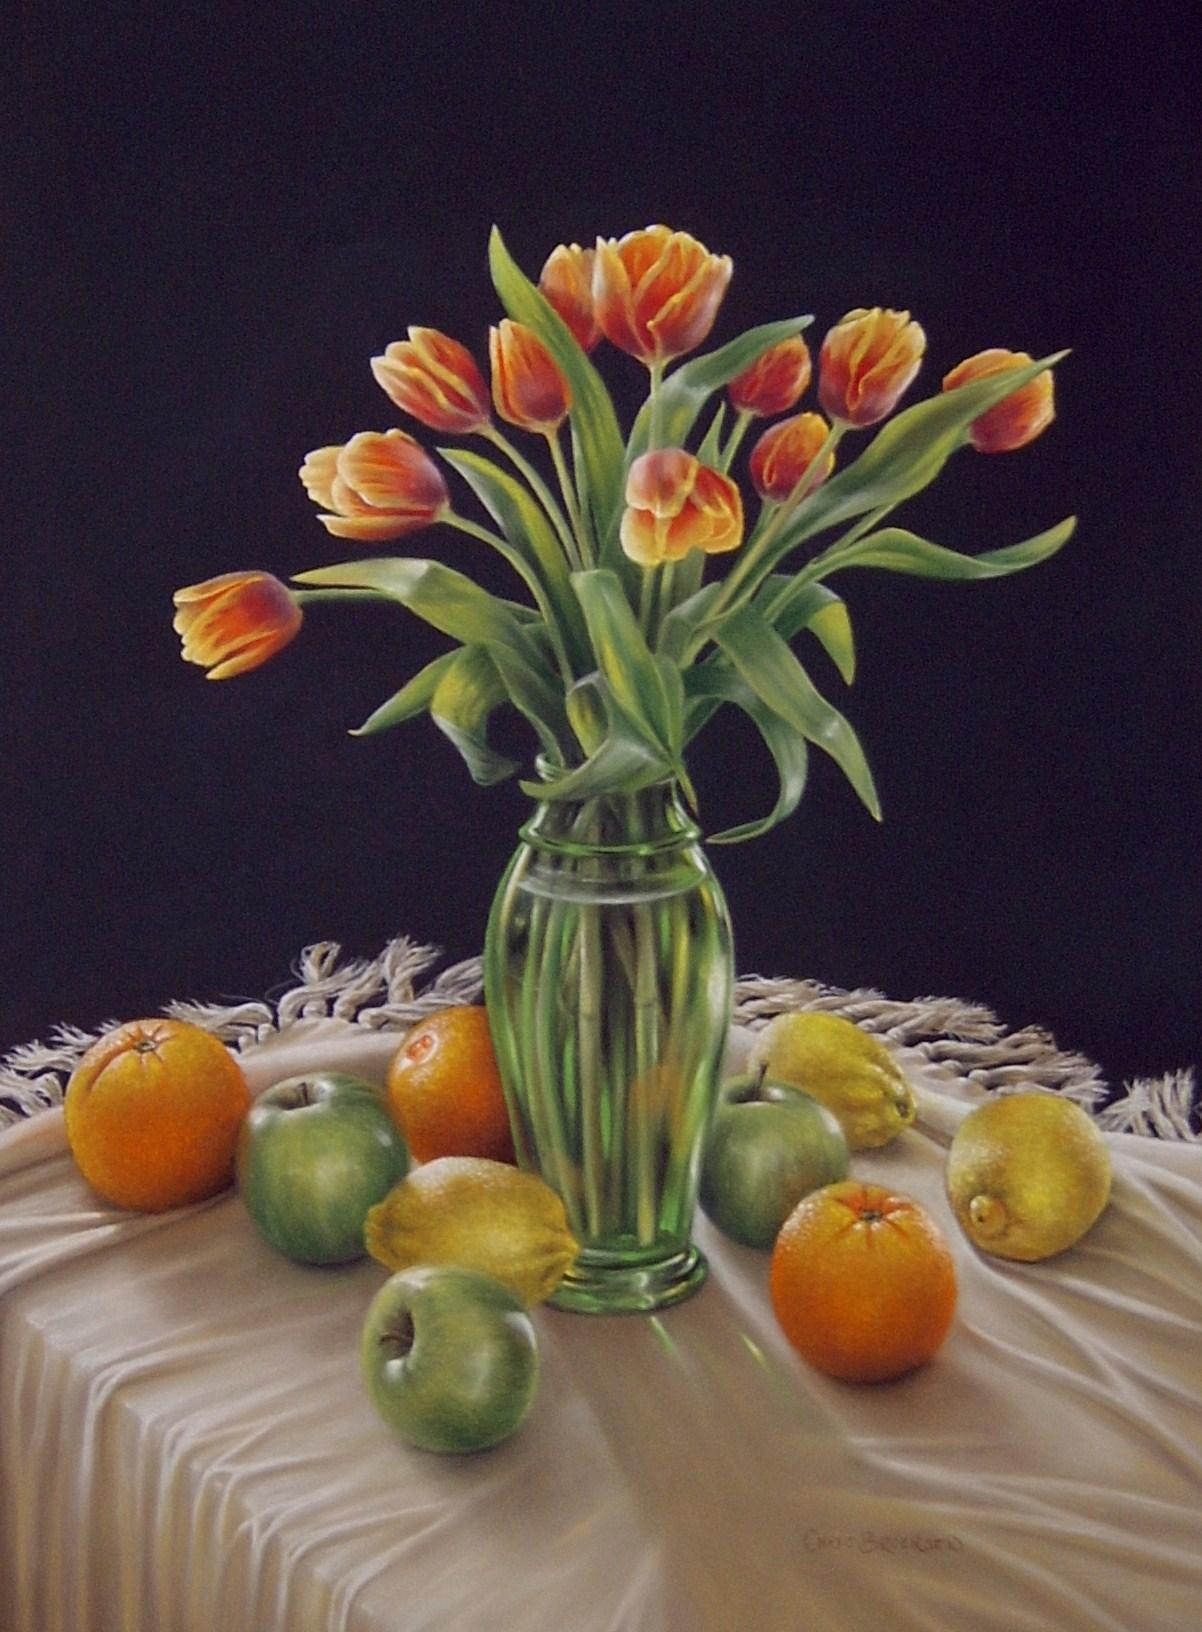 Fruity Flowers 2